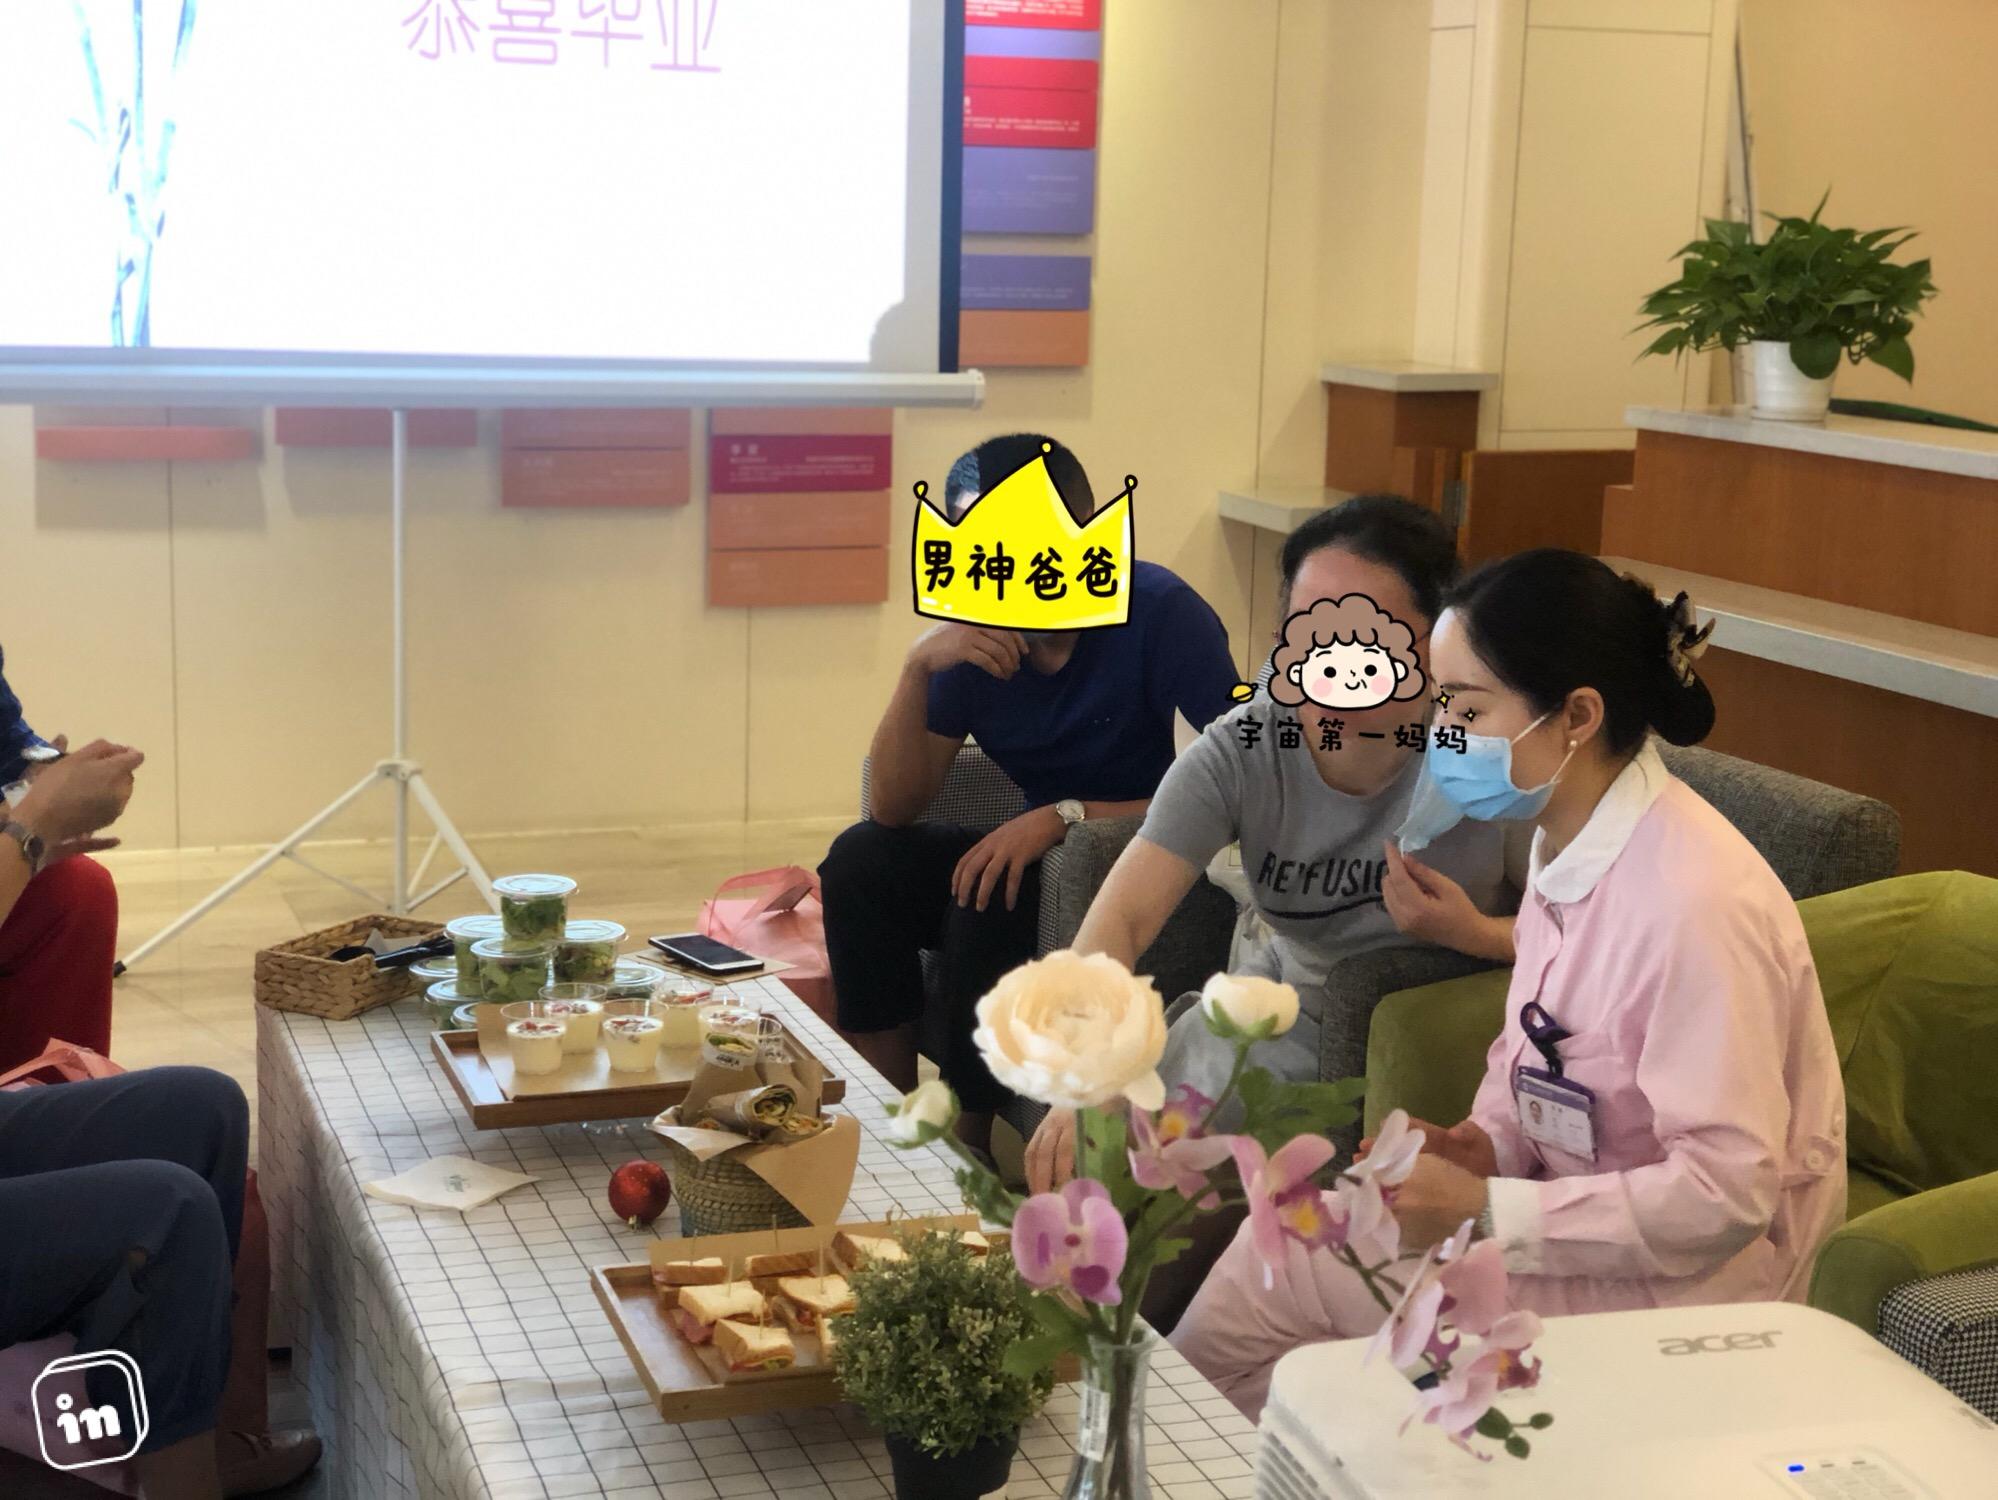 好孕母亲节|重庆北部妇产医院生殖中心第一期毕业典礼圆满落幕!